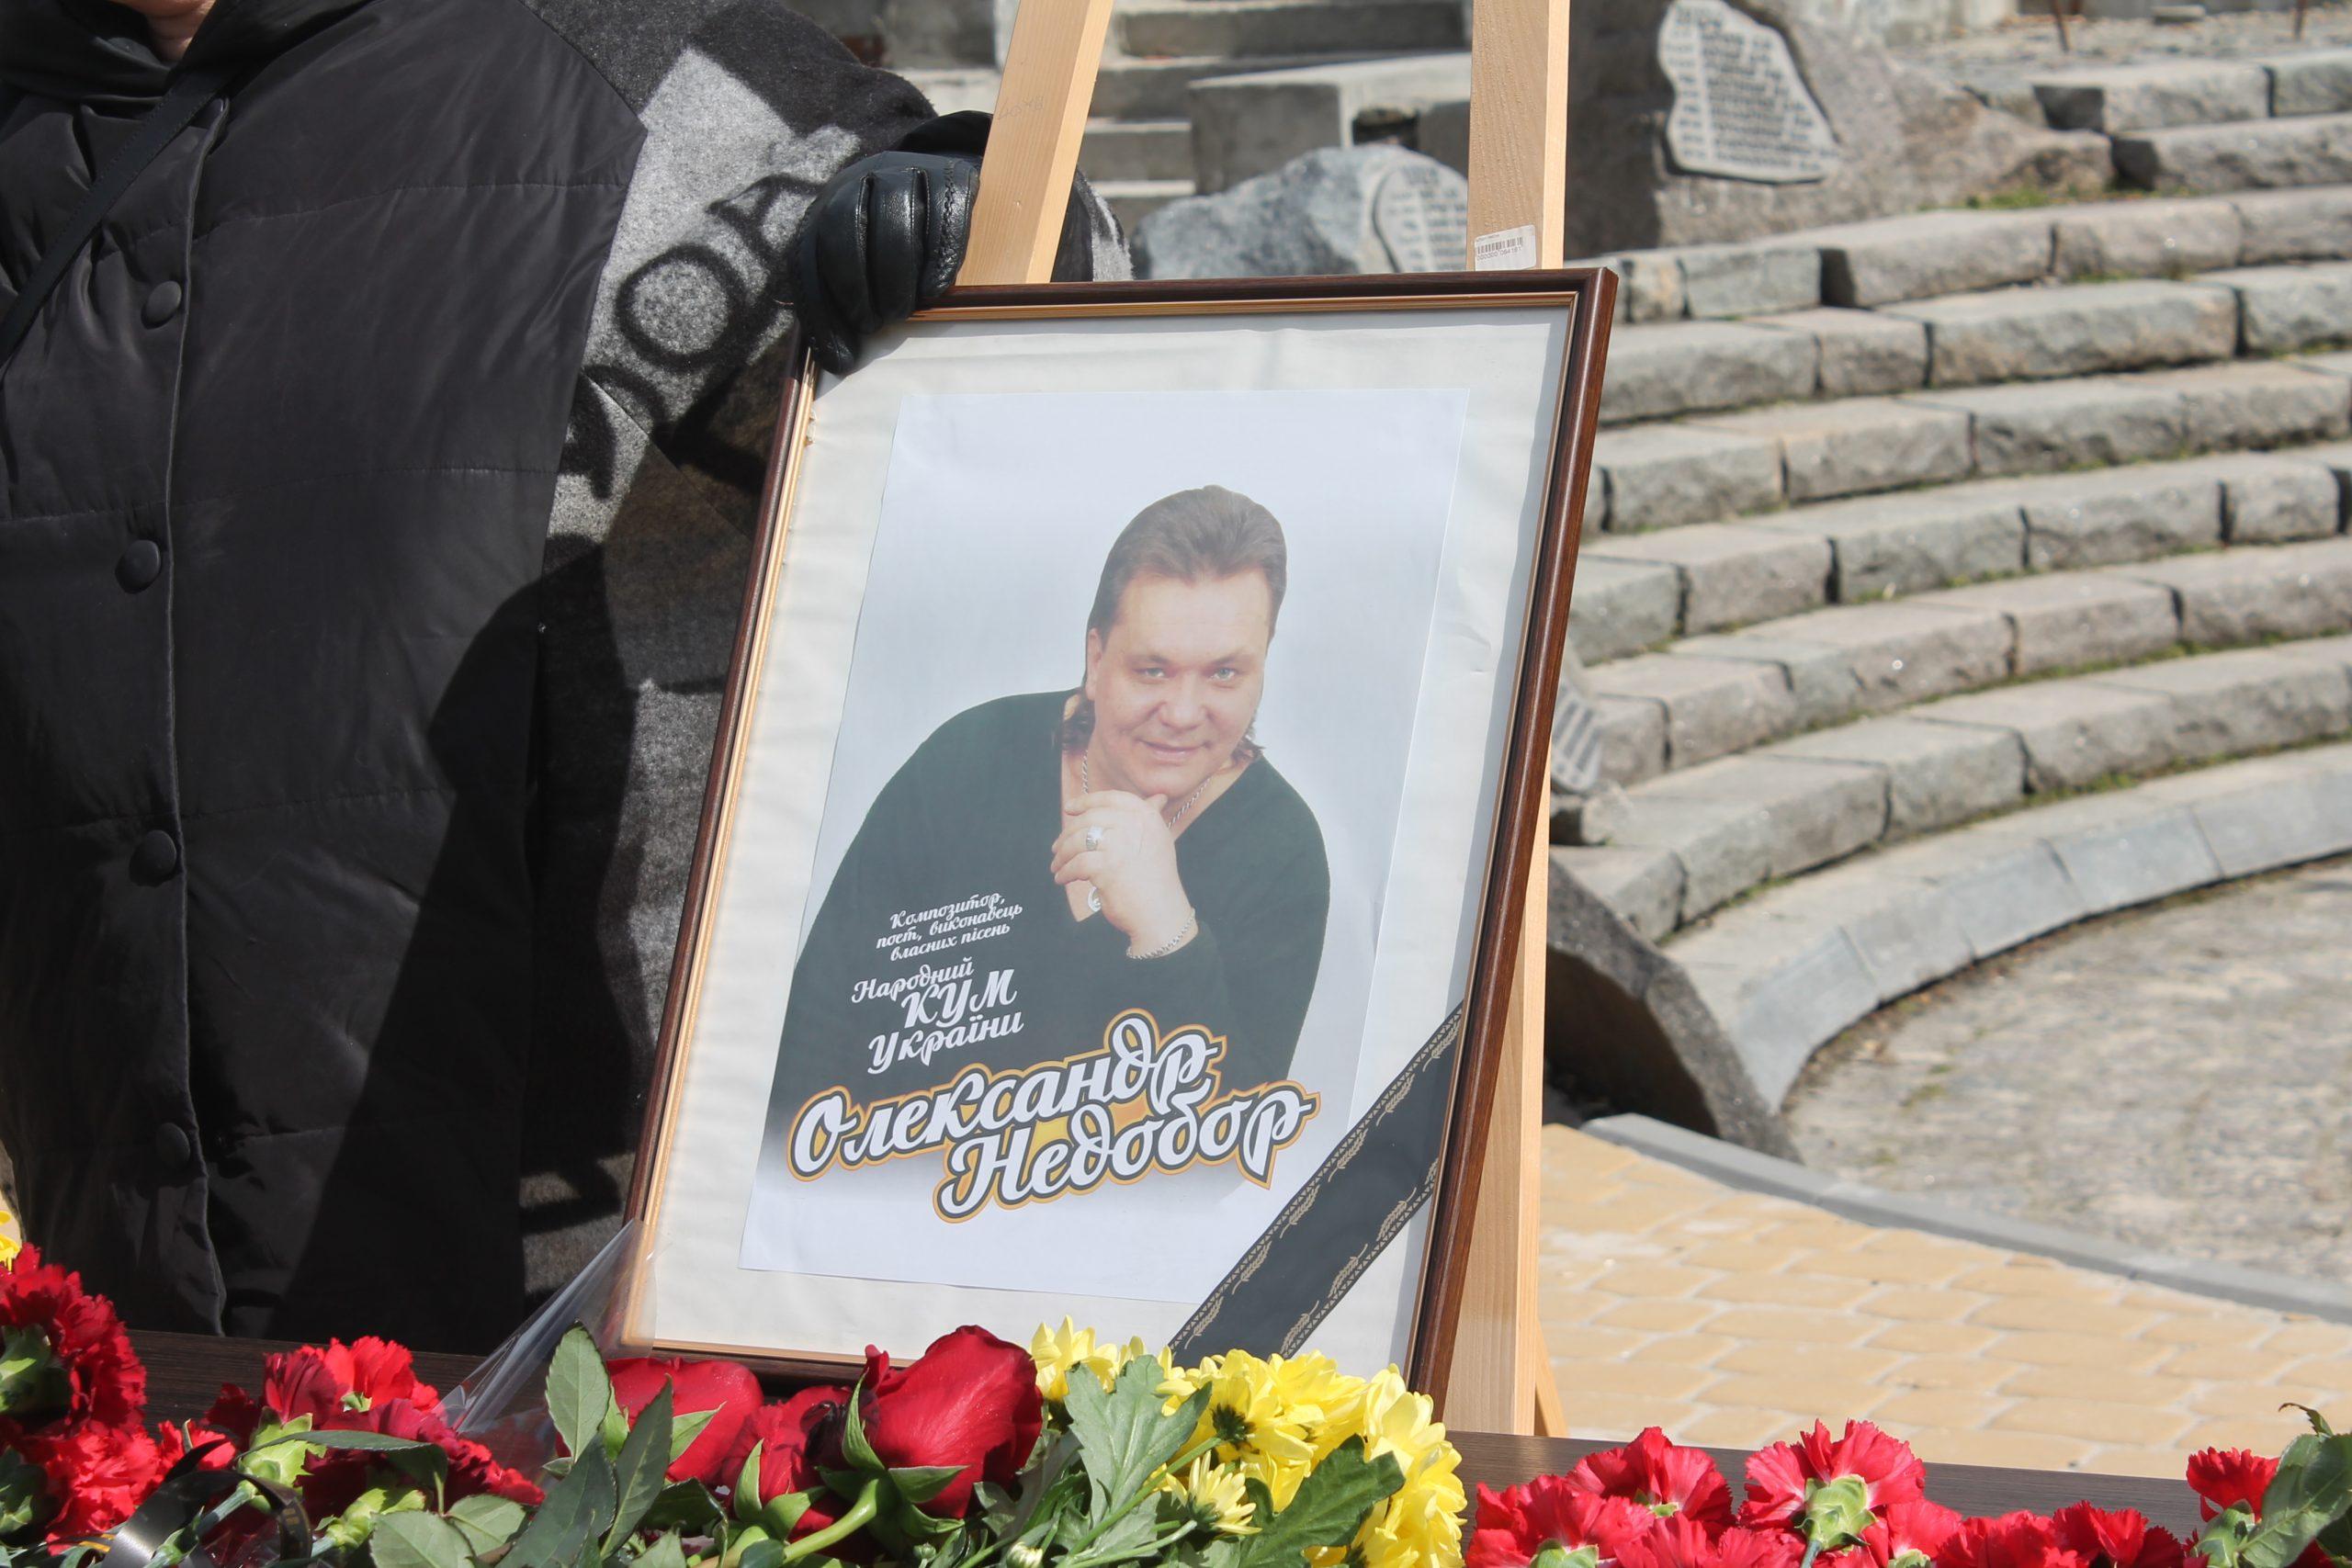 У Черкасах відбулось прощання з Олександром Недобором. Світла пам'ять… (ФОТОРЕПОРТАЖ)